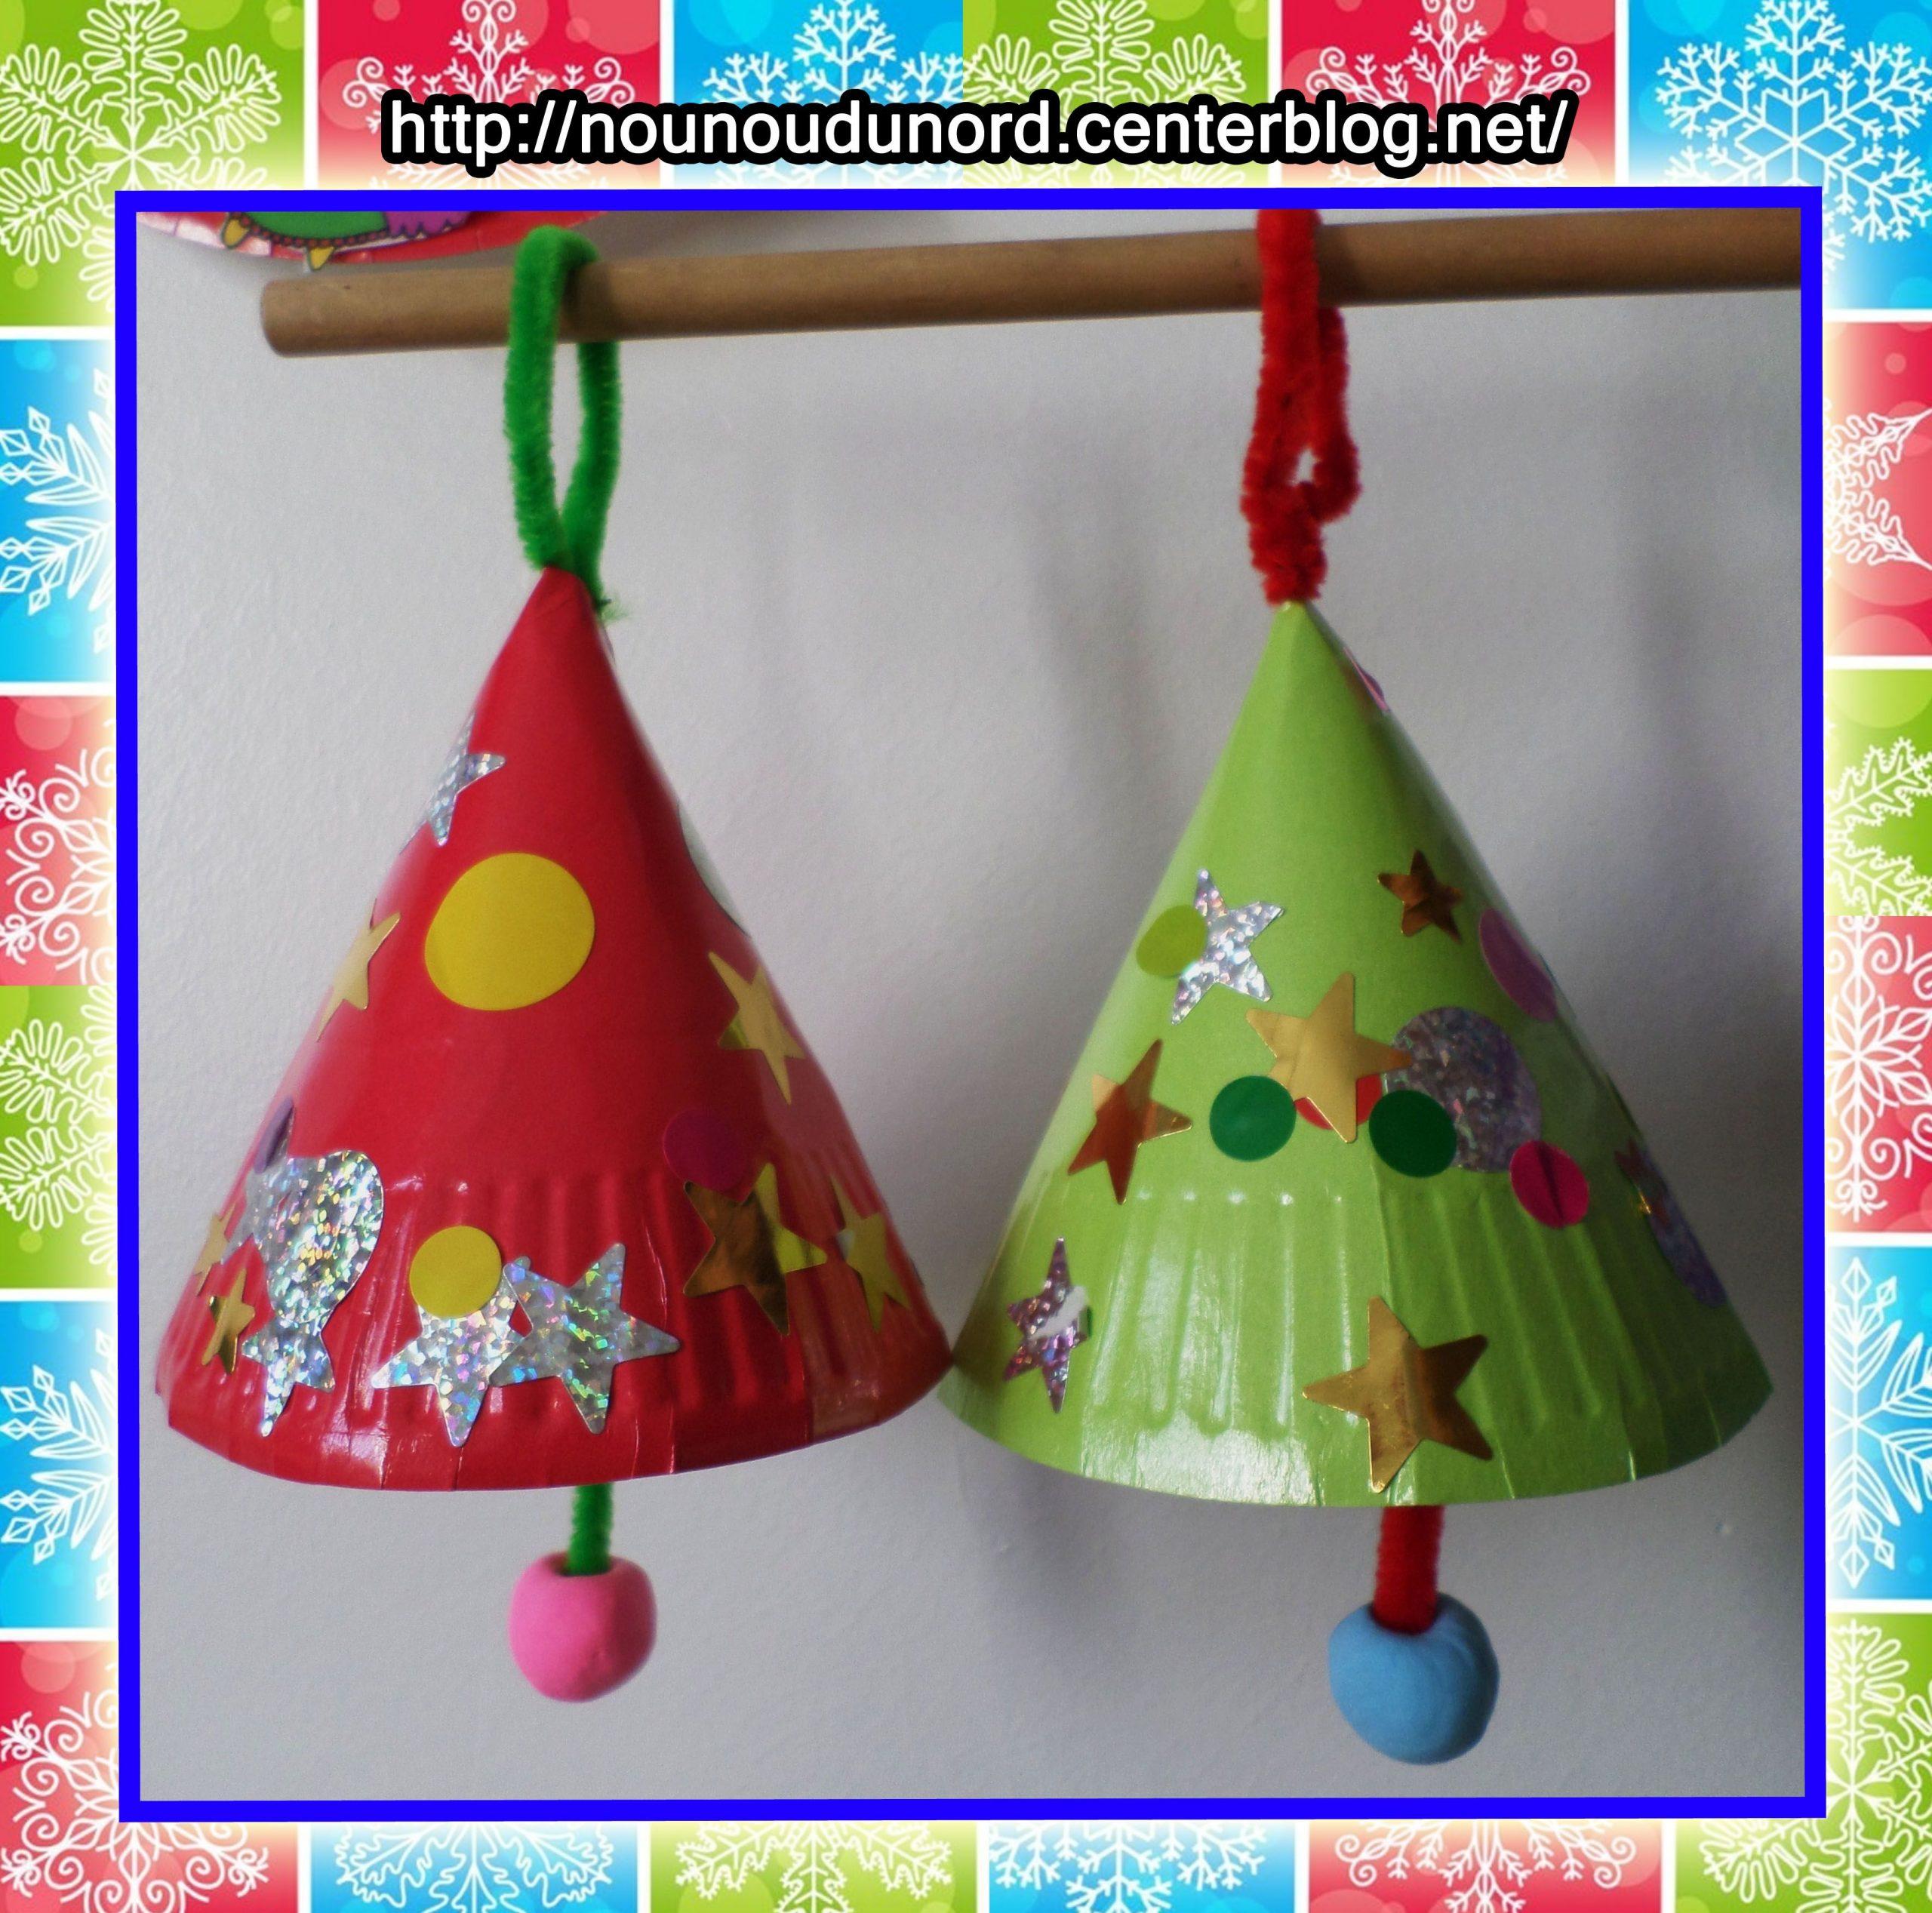 Cloches De Noël Réalisées Avec Des Assiettes En Carton*2014 à Activité Manuelle Noel En Creche